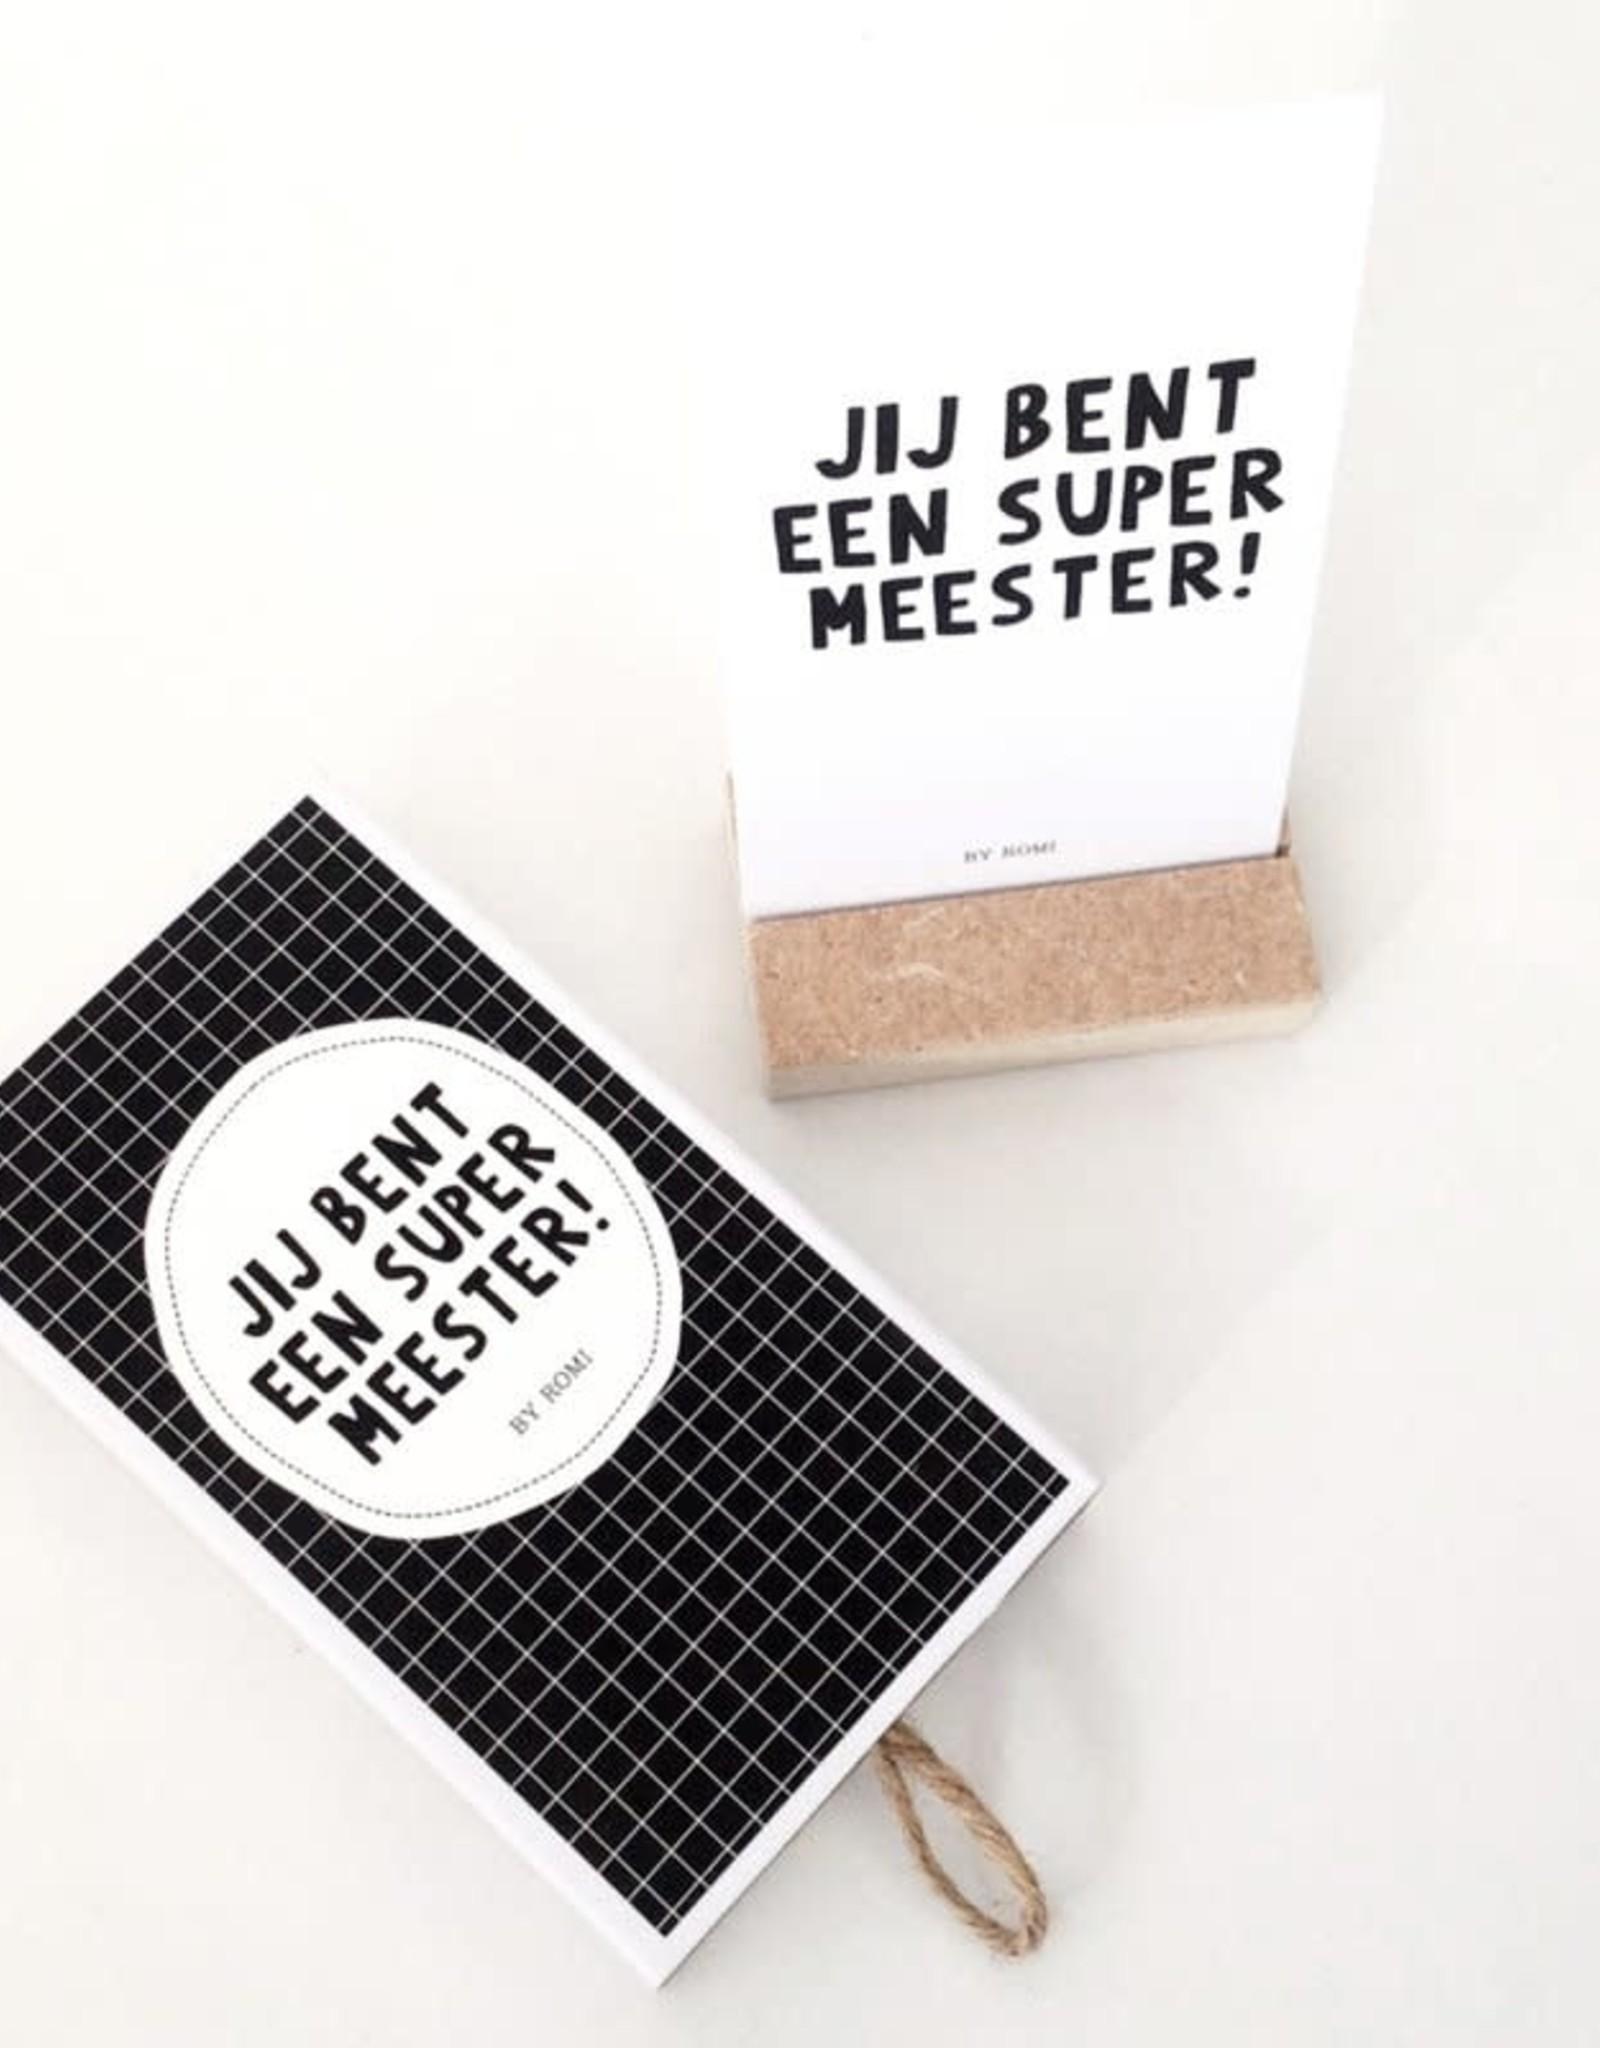 By romi: Wensdoosje Meester / Jij bent een supermeester